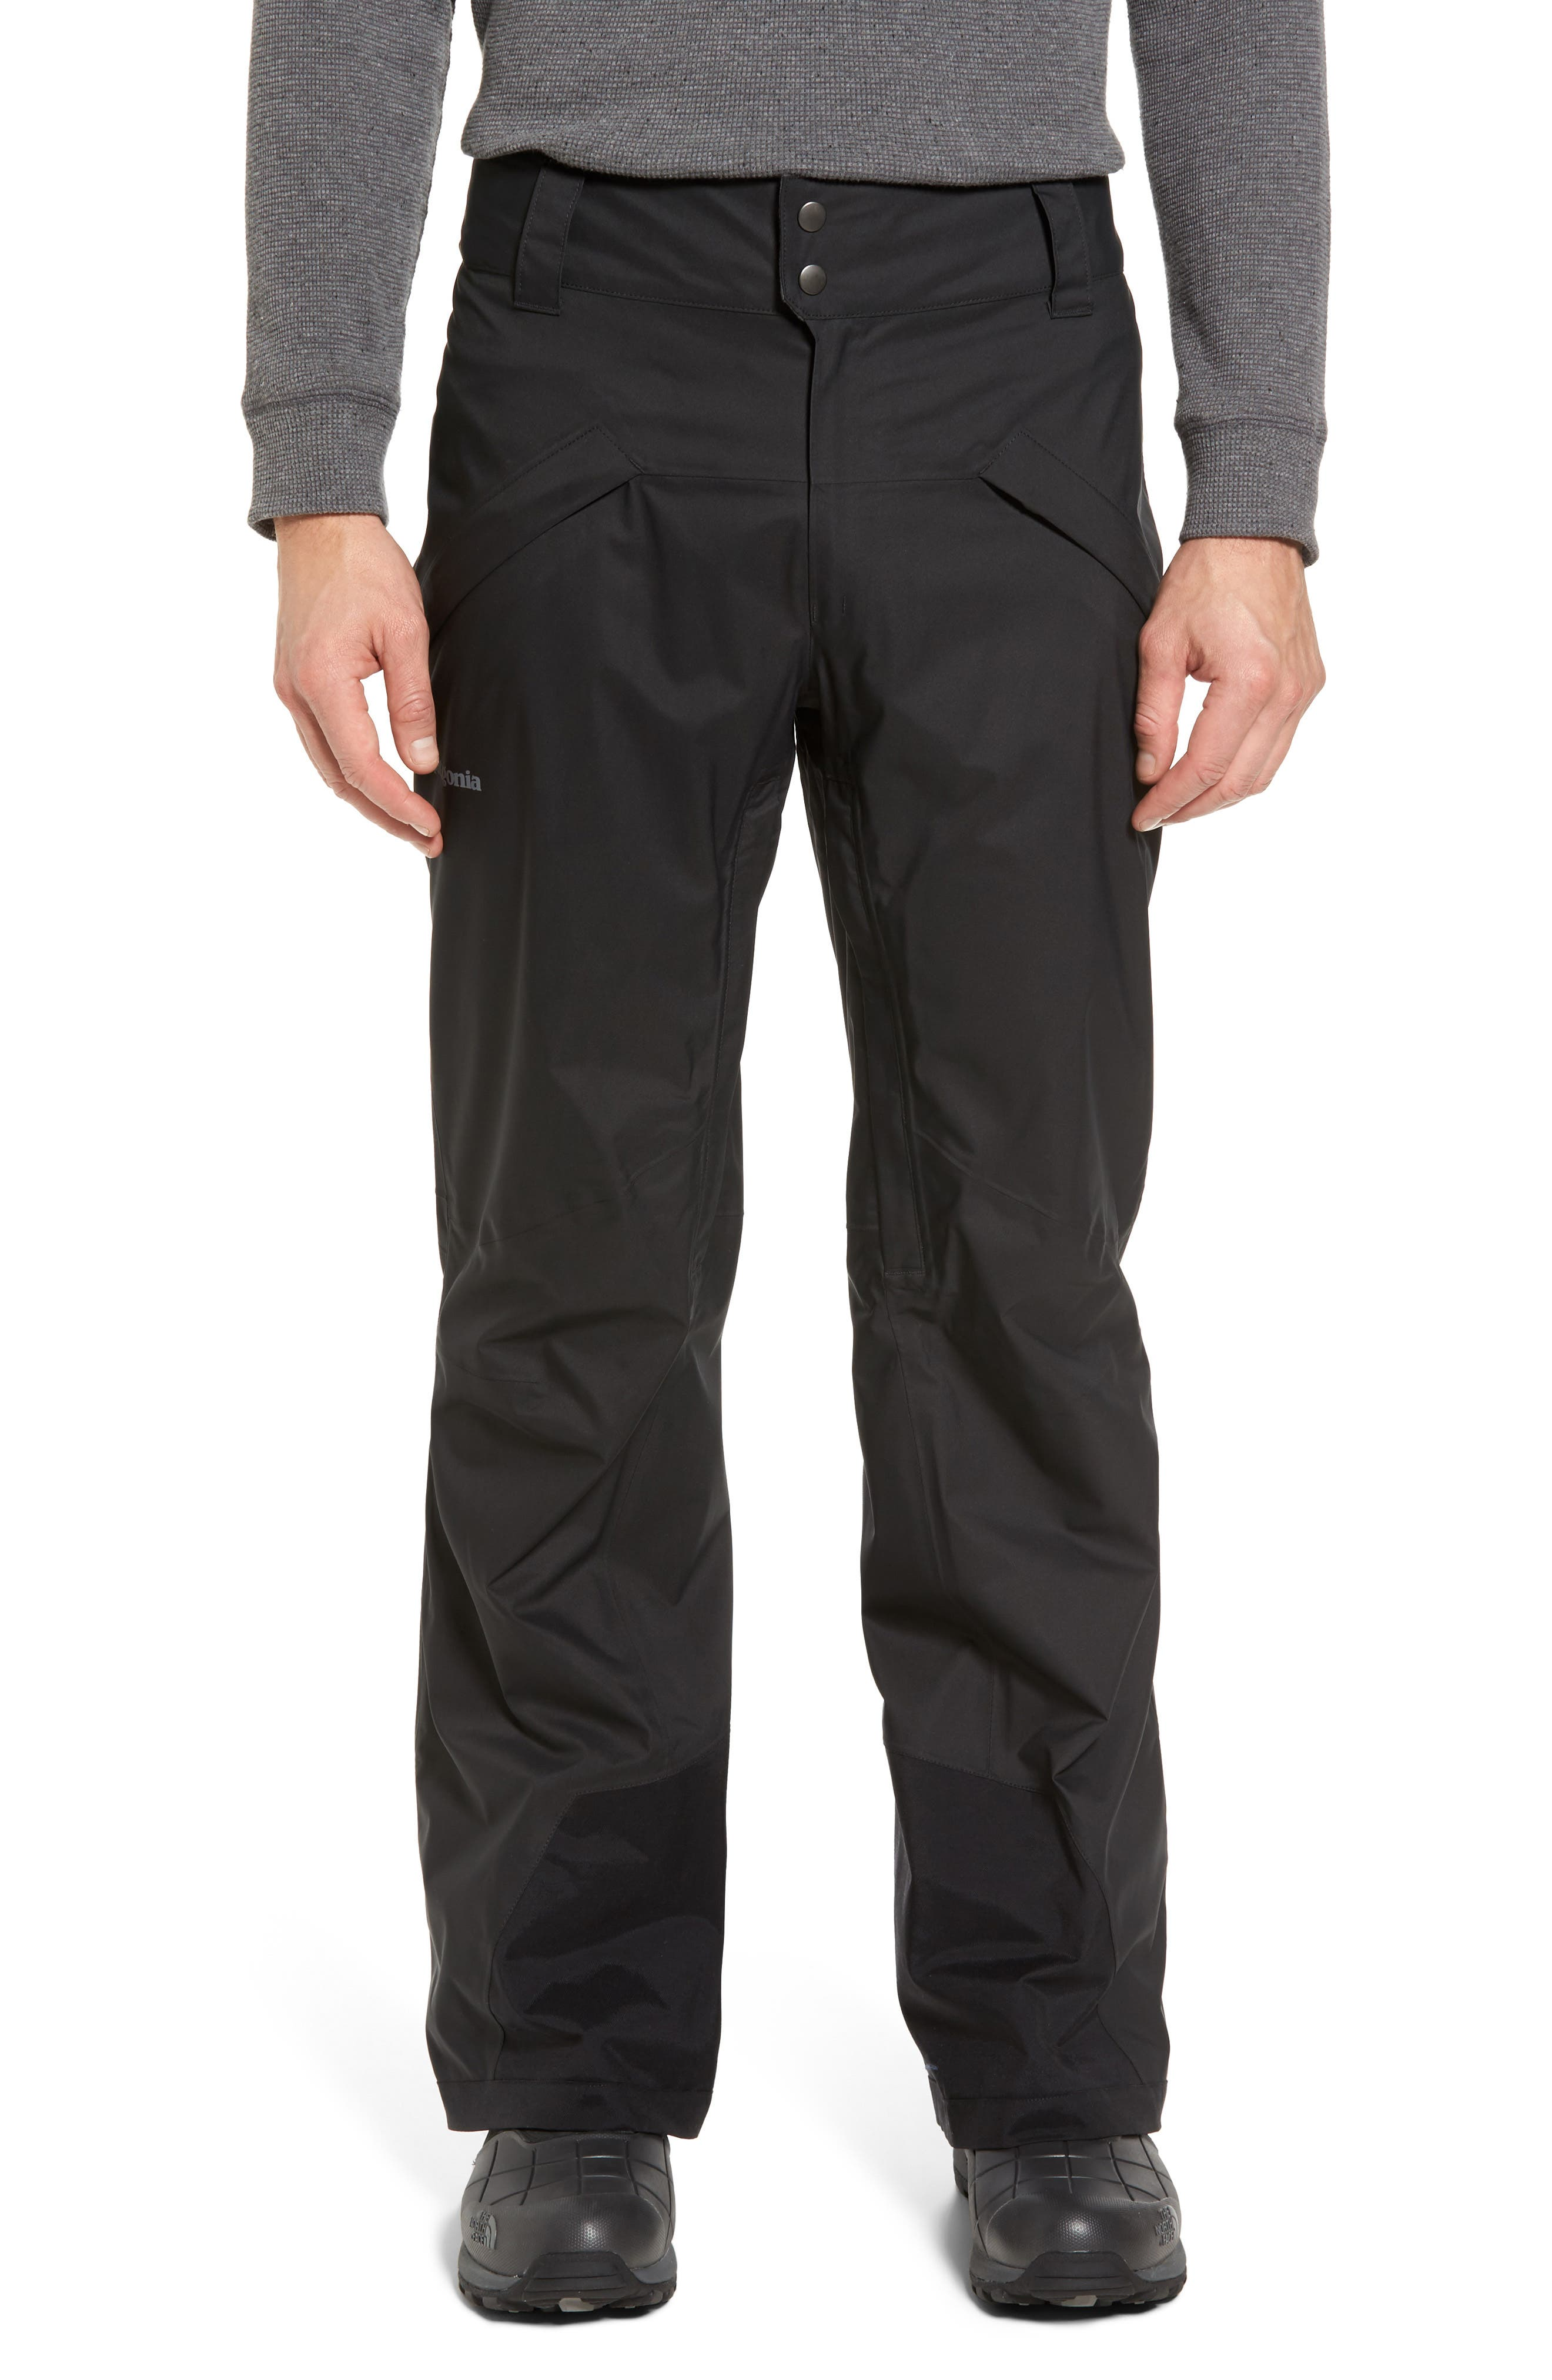 Snowshot Snow Pants,                         Main,                         color, Black